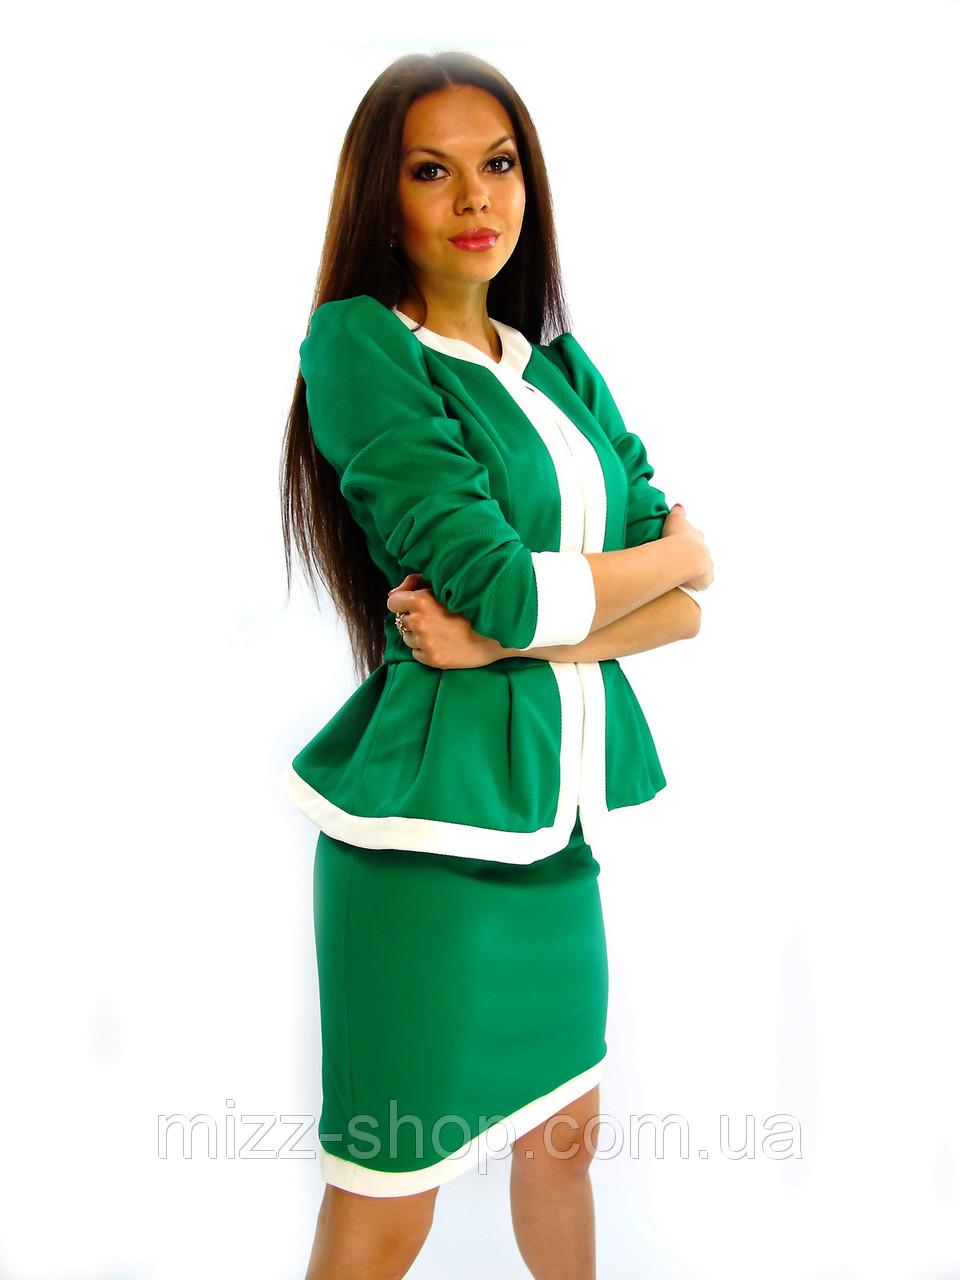 Элегантный женский костюм